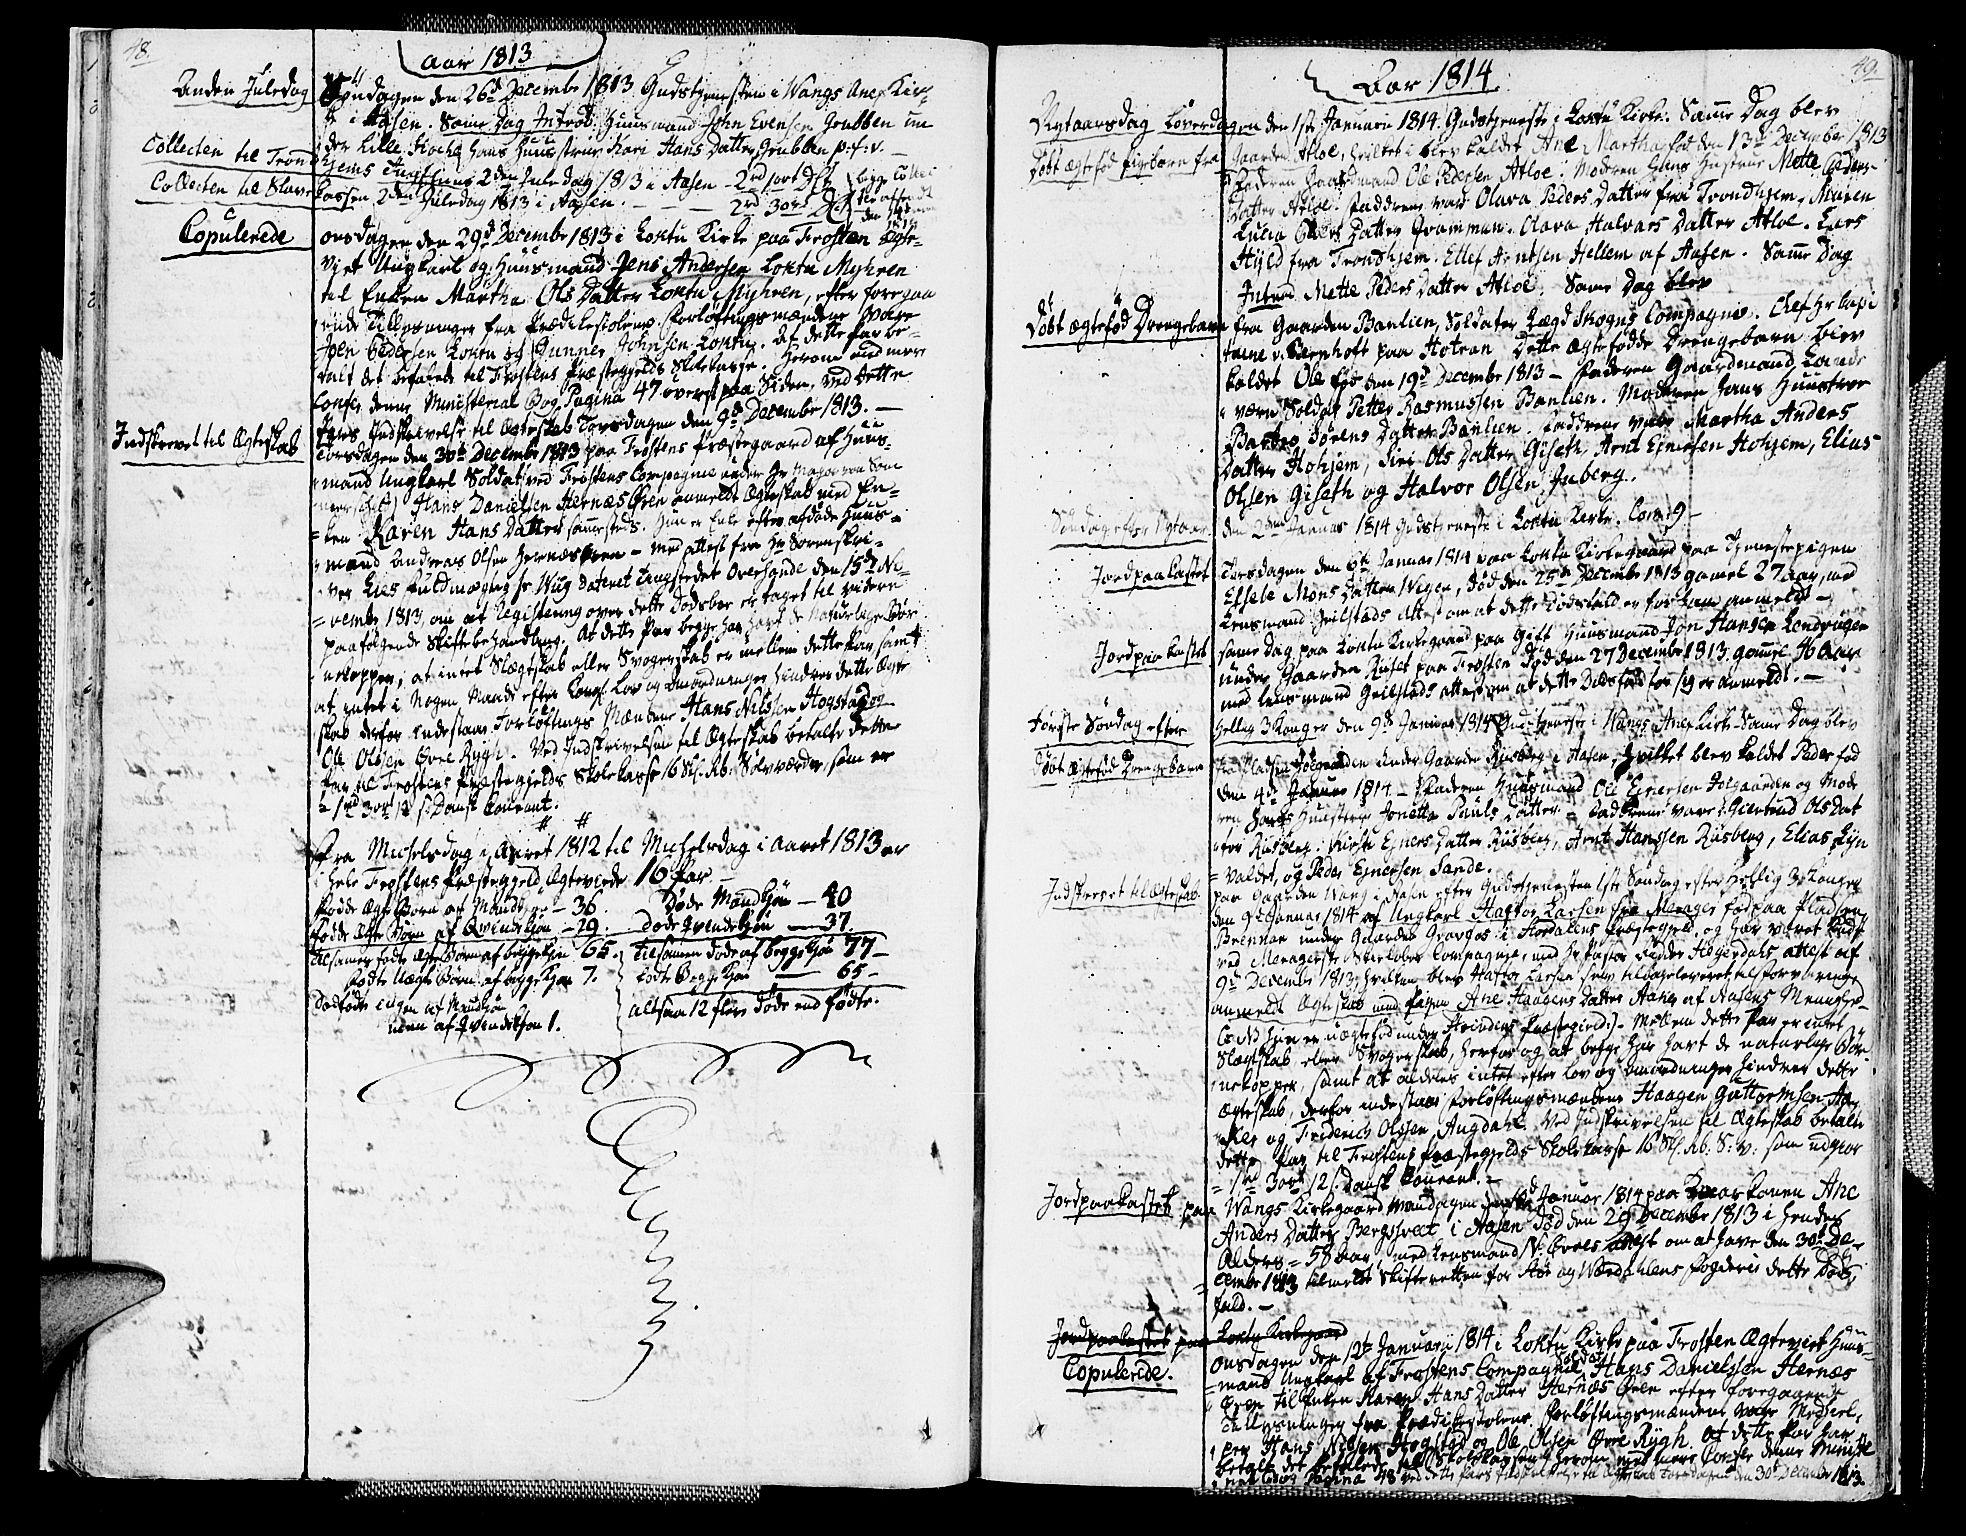 SAT, Ministerialprotokoller, klokkerbøker og fødselsregistre - Nord-Trøndelag, 713/L0111: Ministerialbok nr. 713A03, 1812-1816, s. 48-49